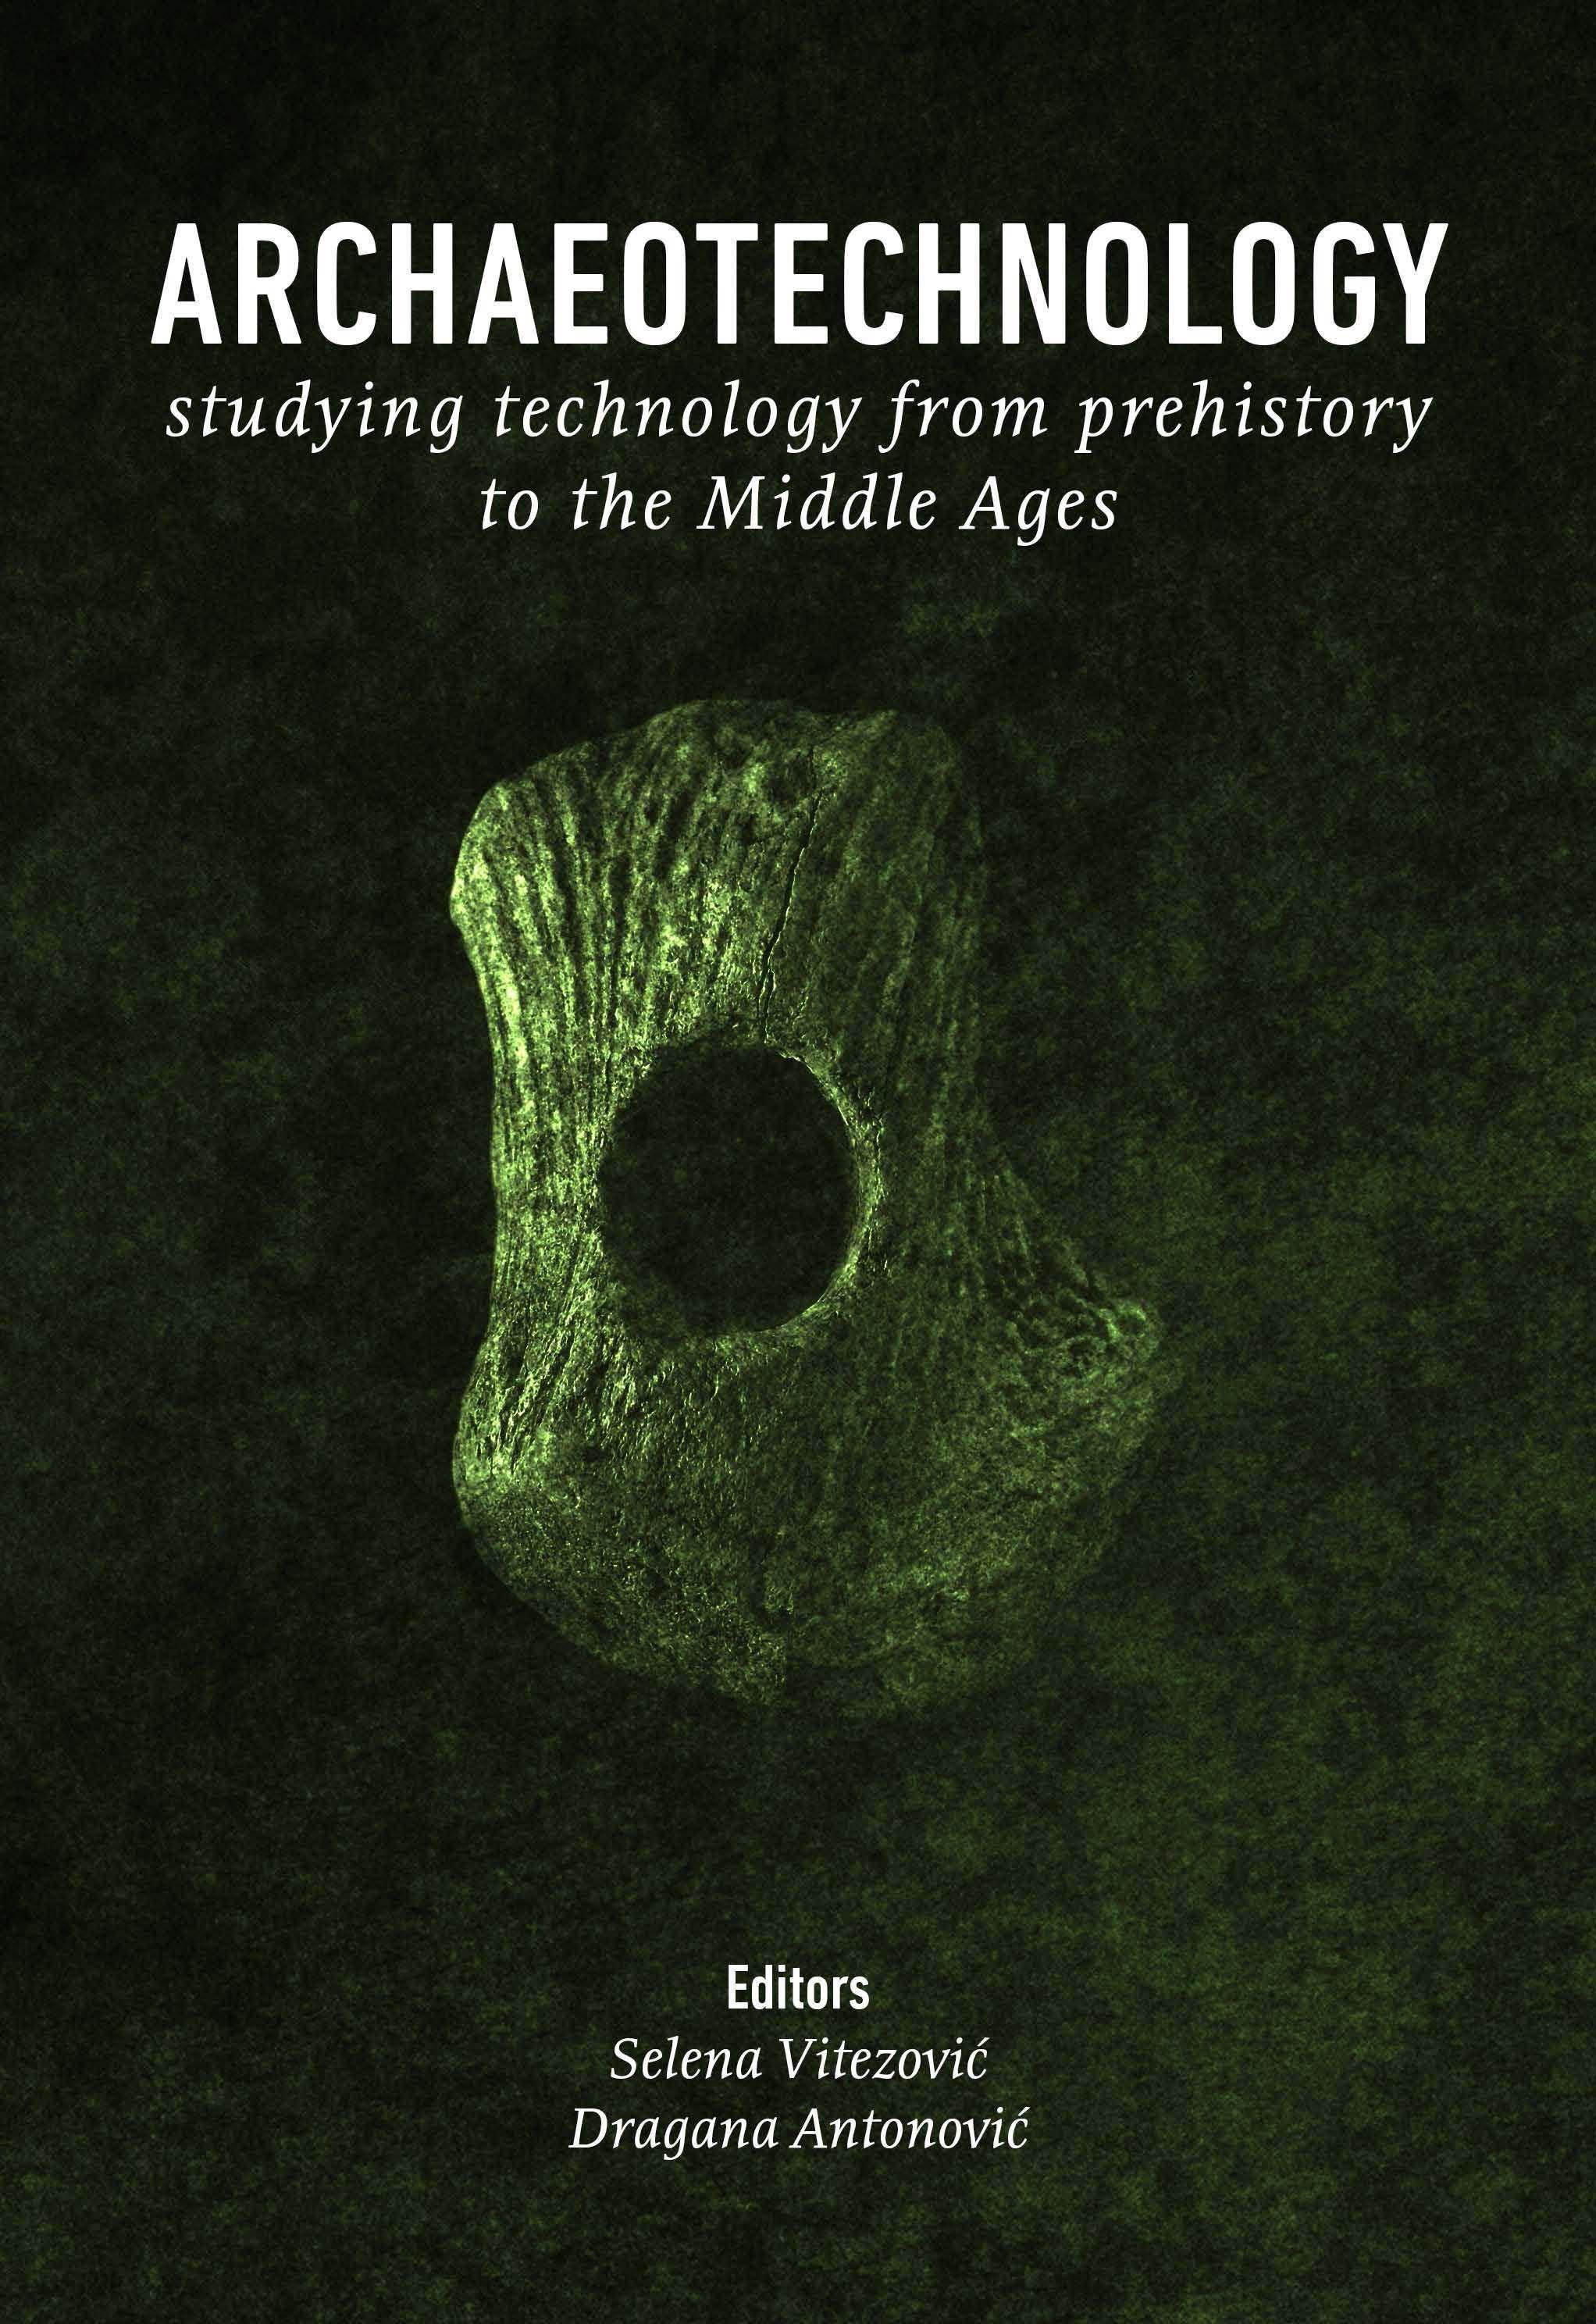 Archaeotechnology: naslovna strana